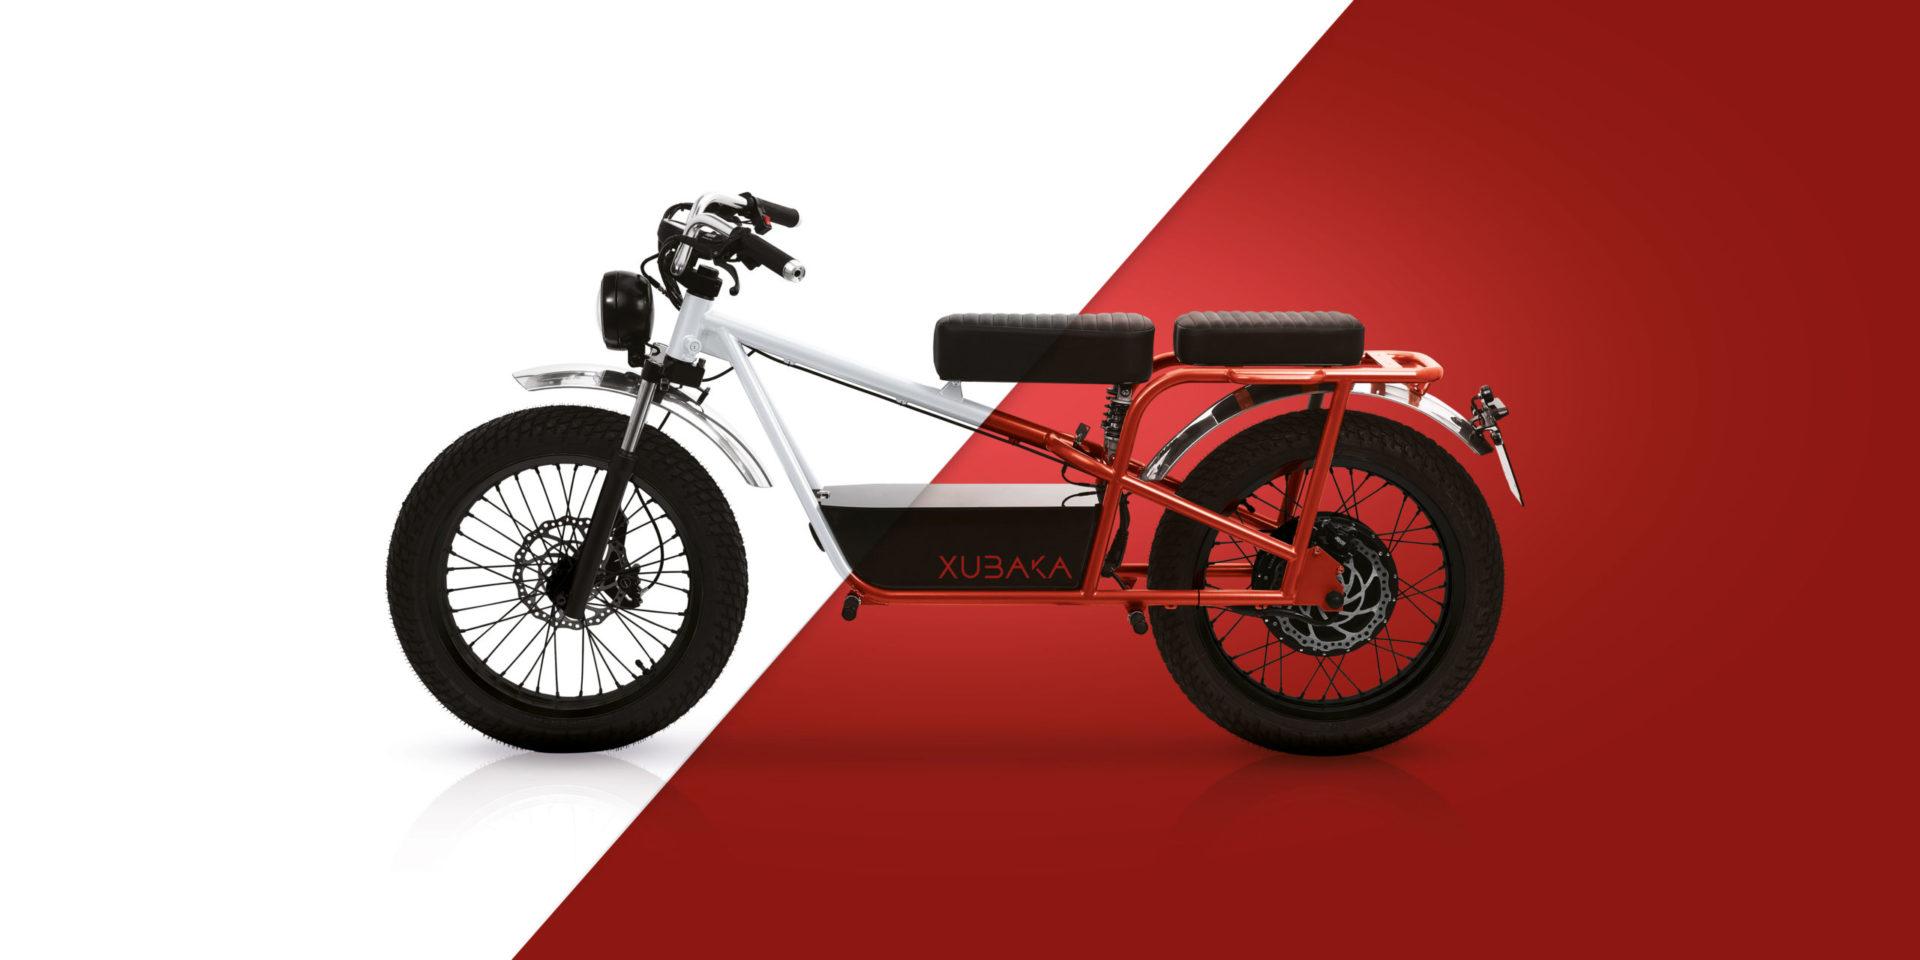 Moto électrique Xubaka